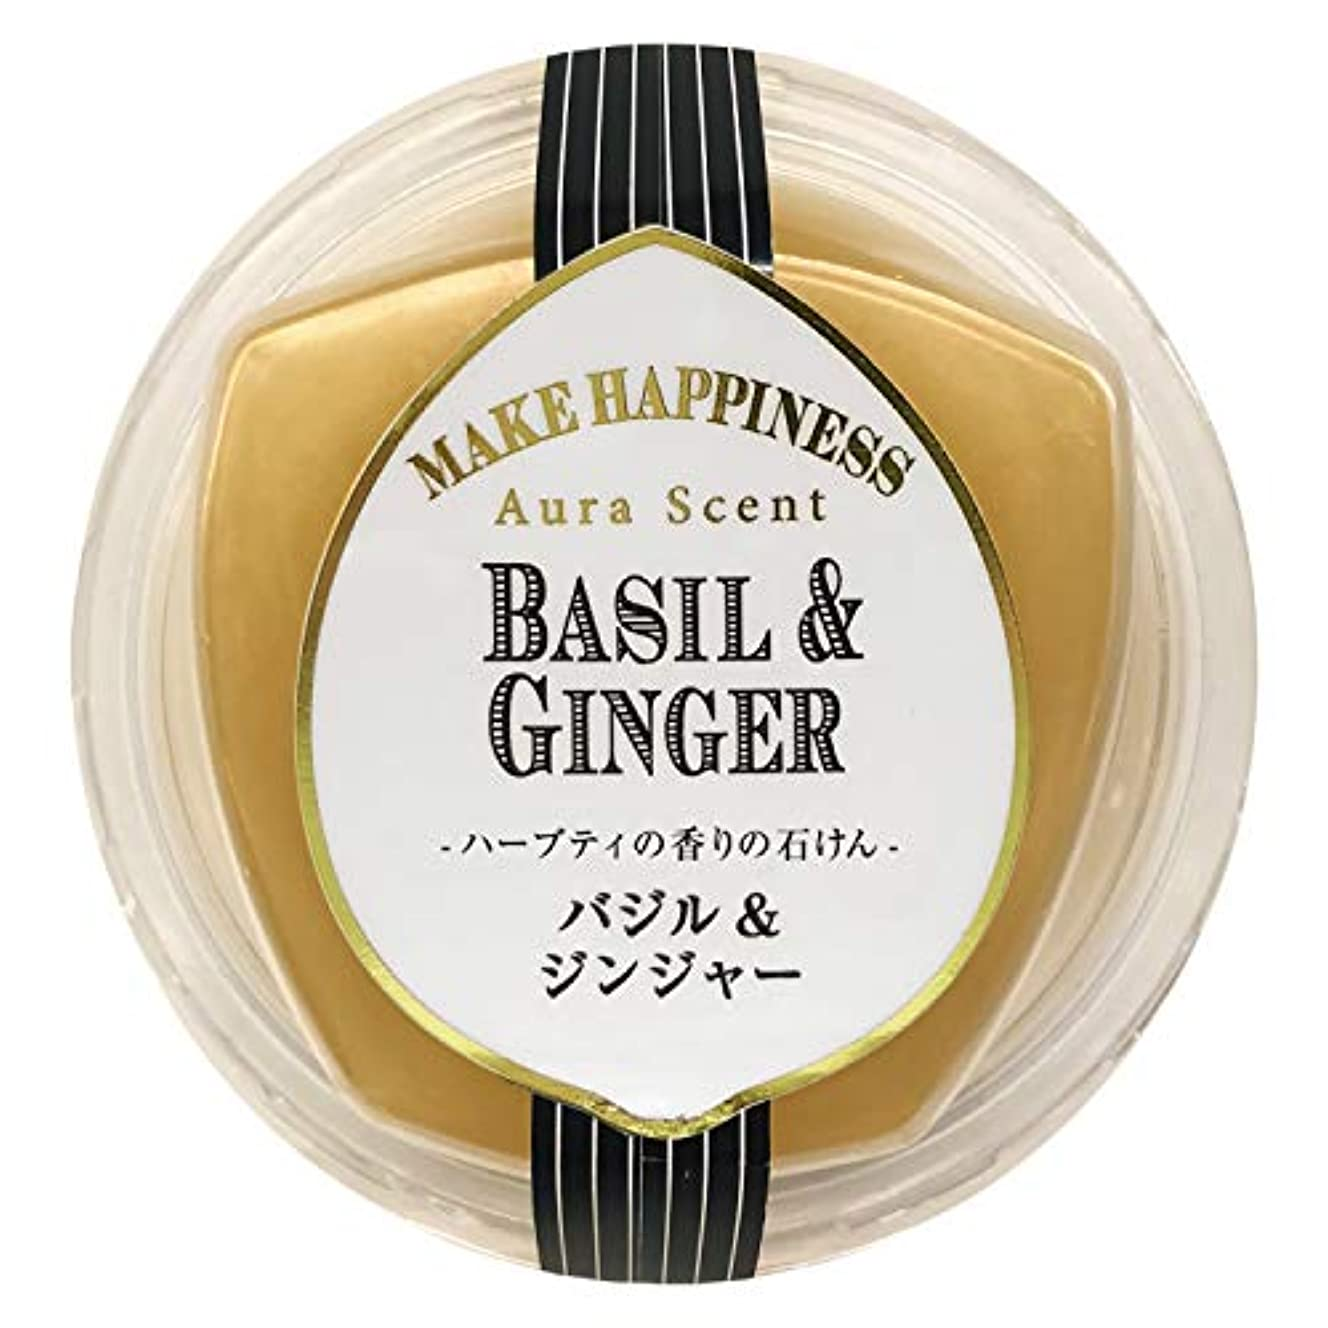 バケツ赤字健康的ペリカン石鹸 オーラセント クリアソープバジル&ジンジャー 75g